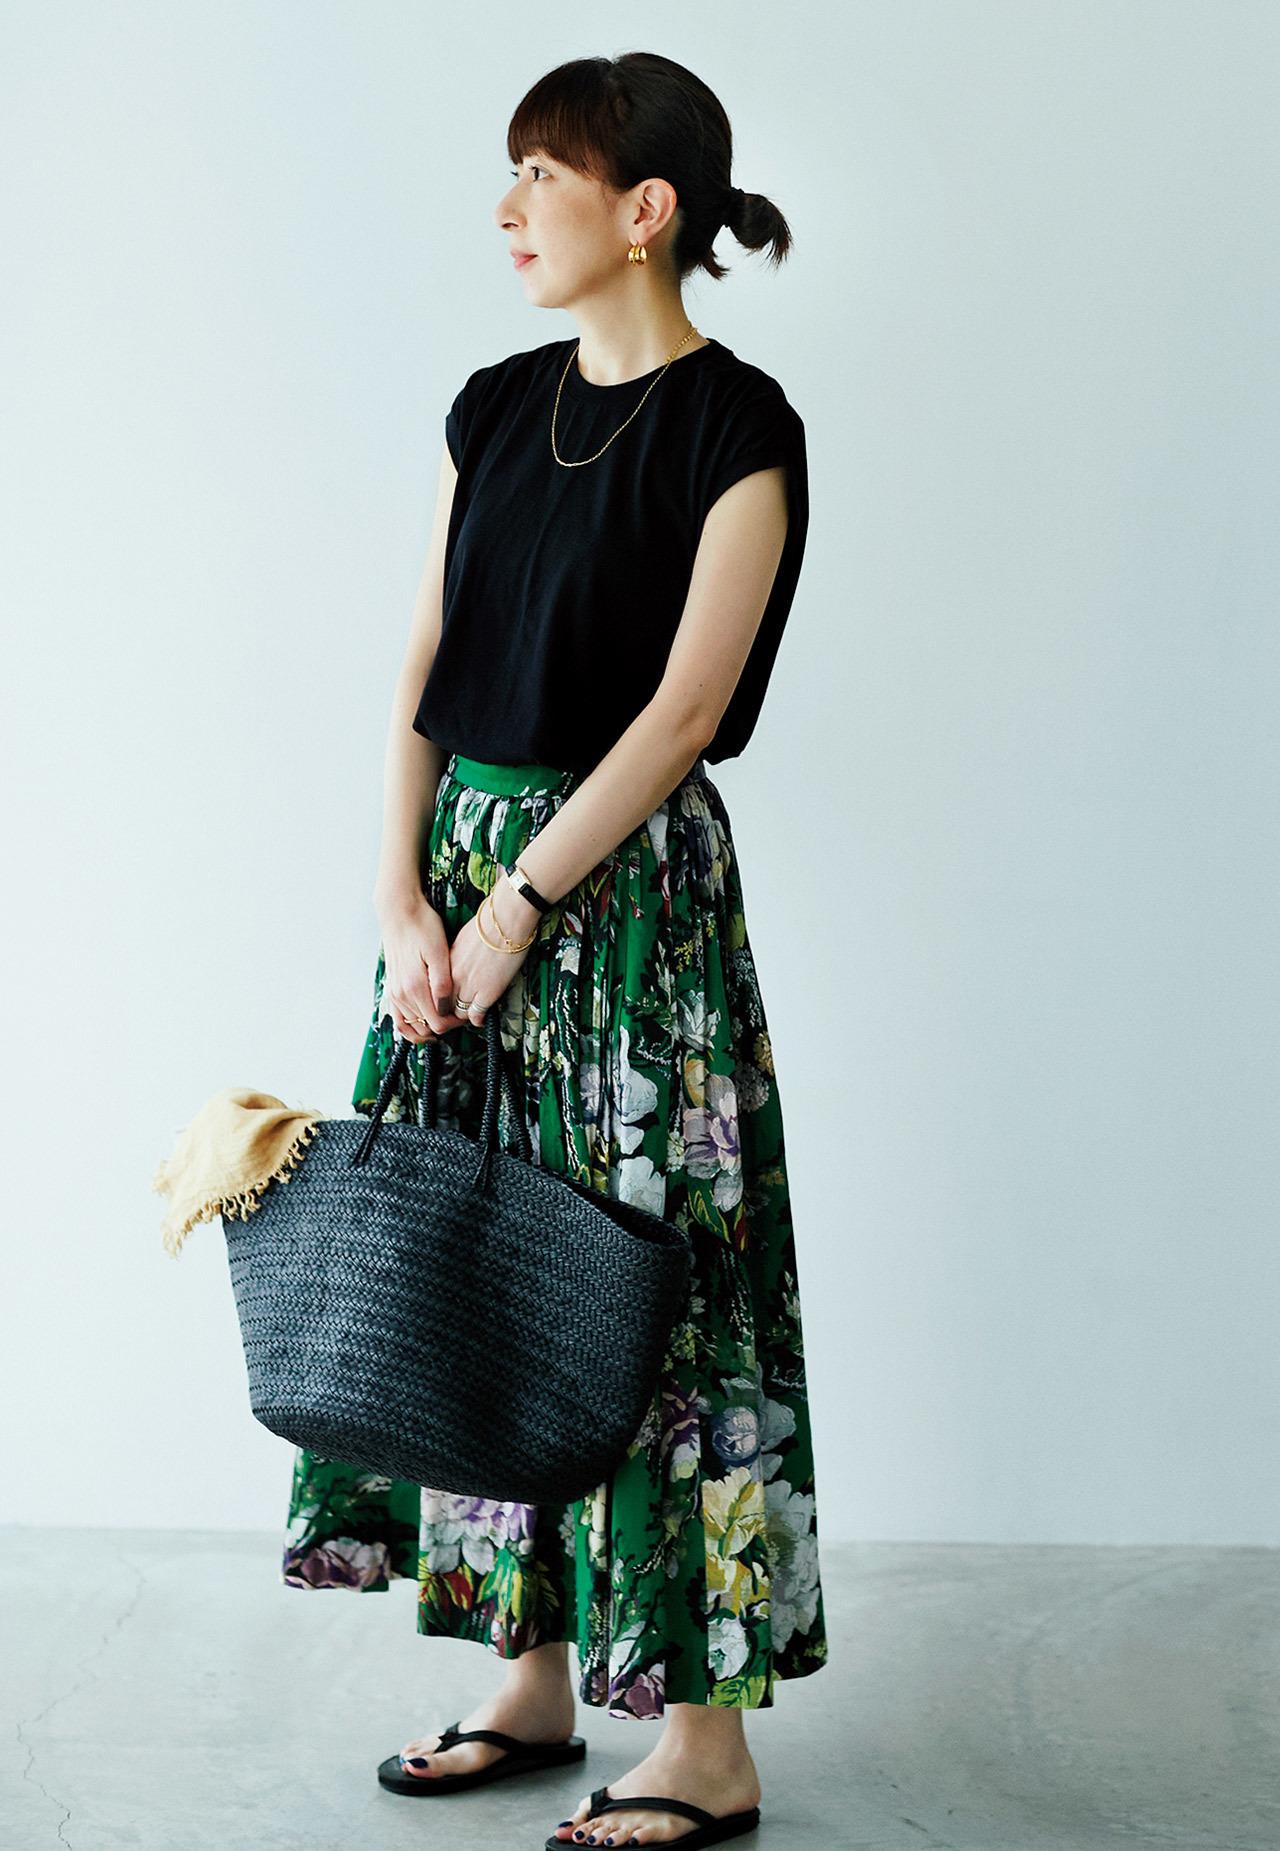 スタイリスト・徳原文子さん 黒Tシャツとプリントスカートにカゴバッグのコーディネート